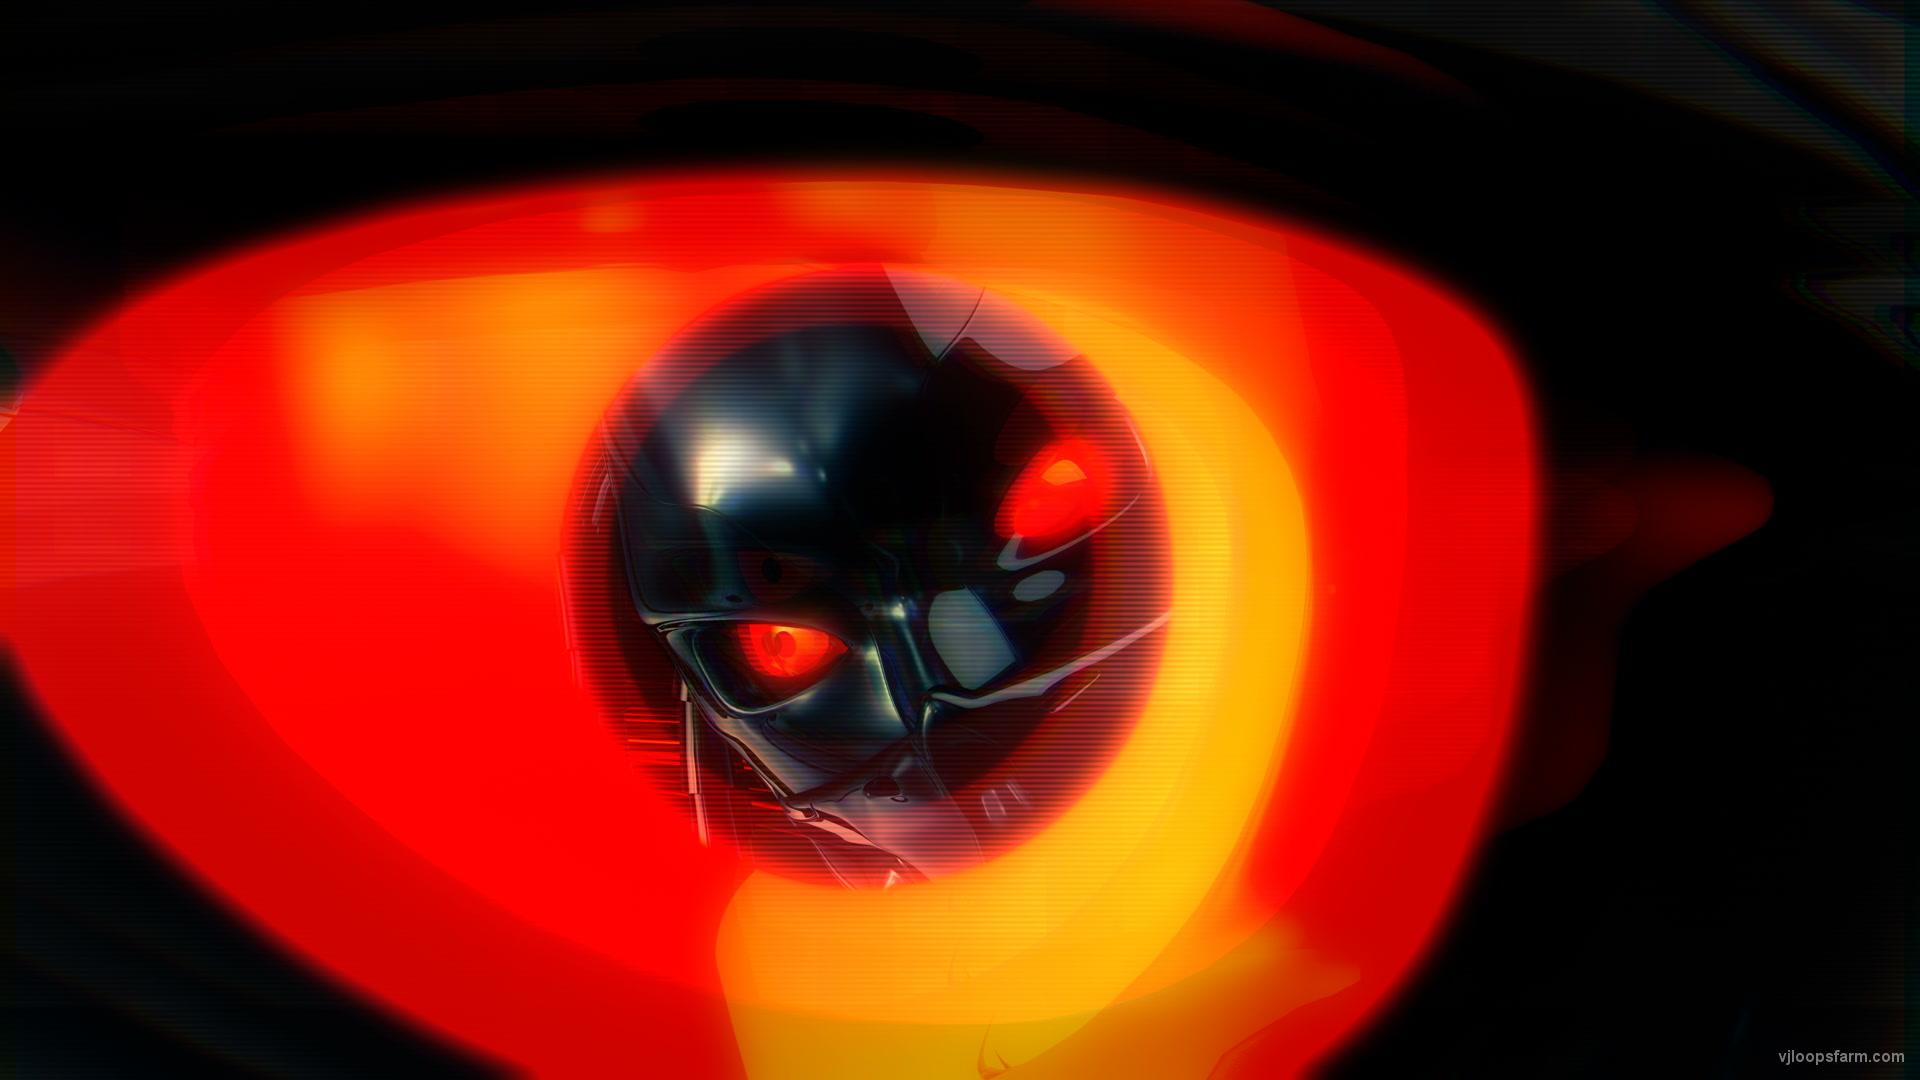 Ð¡yborg head eye UltraHD VJ Loop Download UltraHD VJ Loop